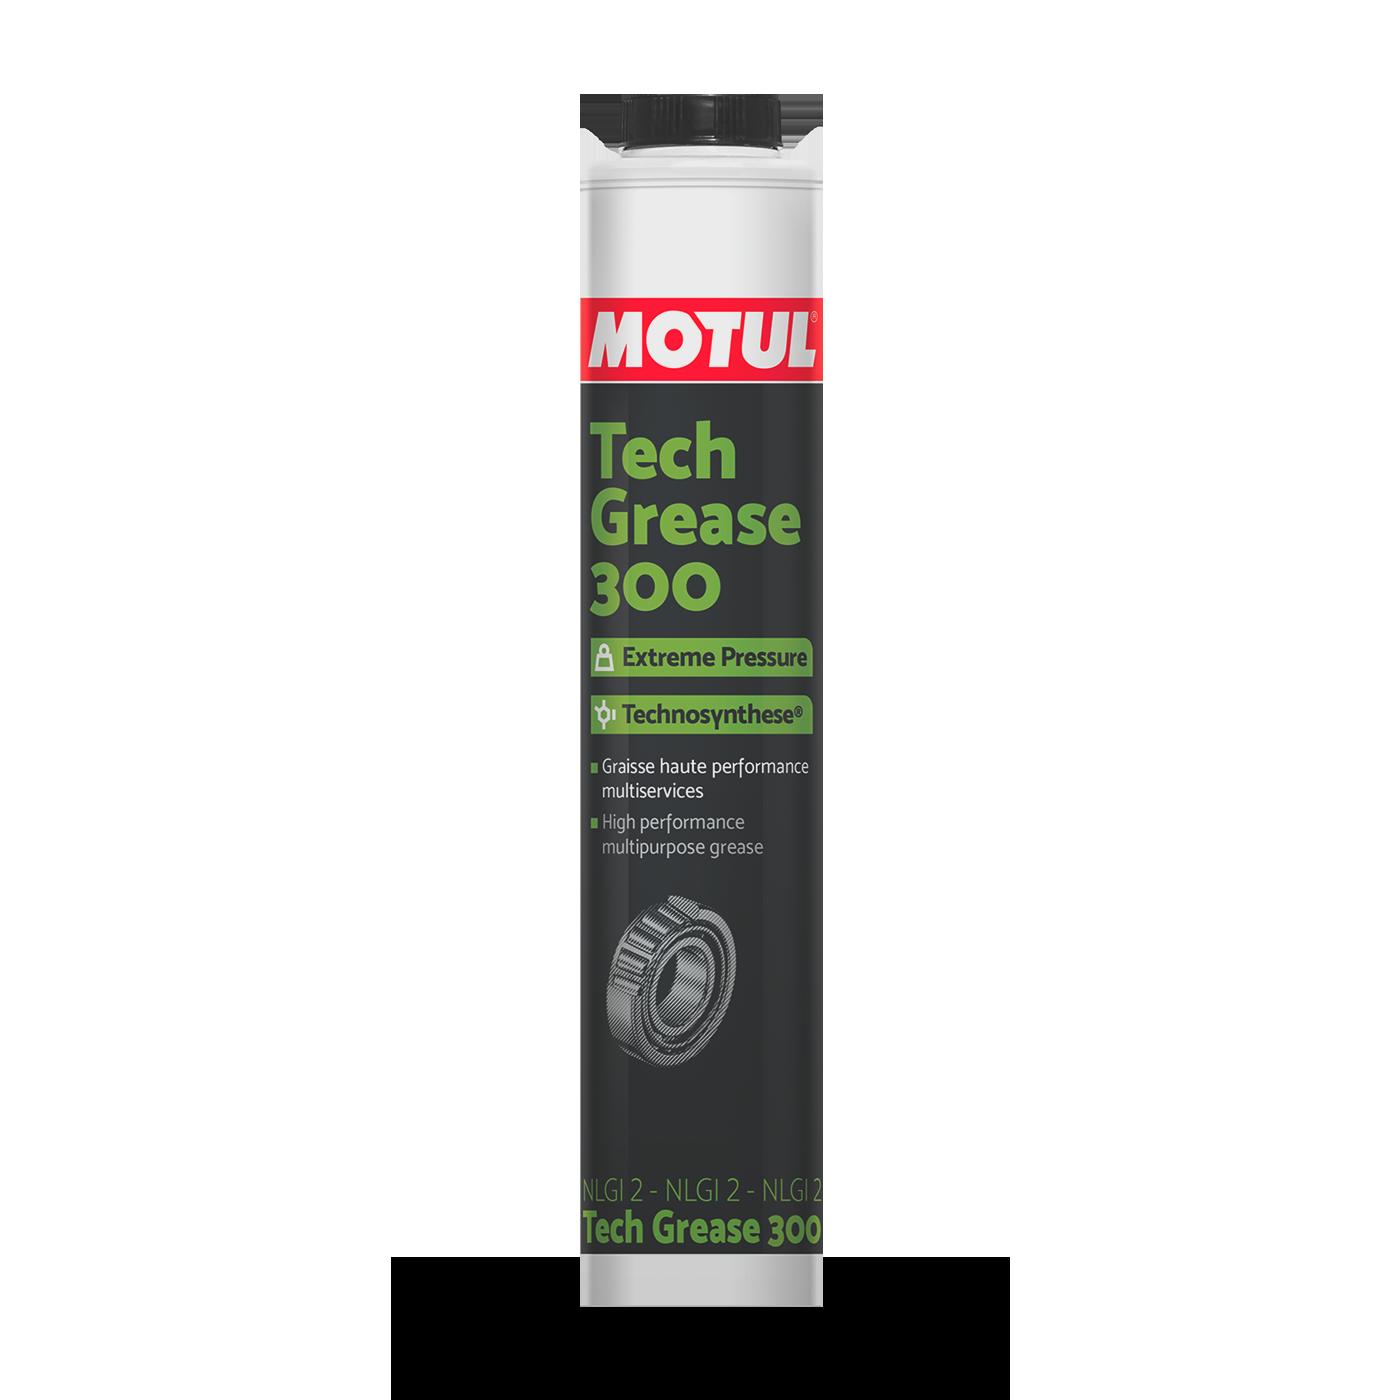 Motul Tech Grease 300 Универсальная пластичная смазка